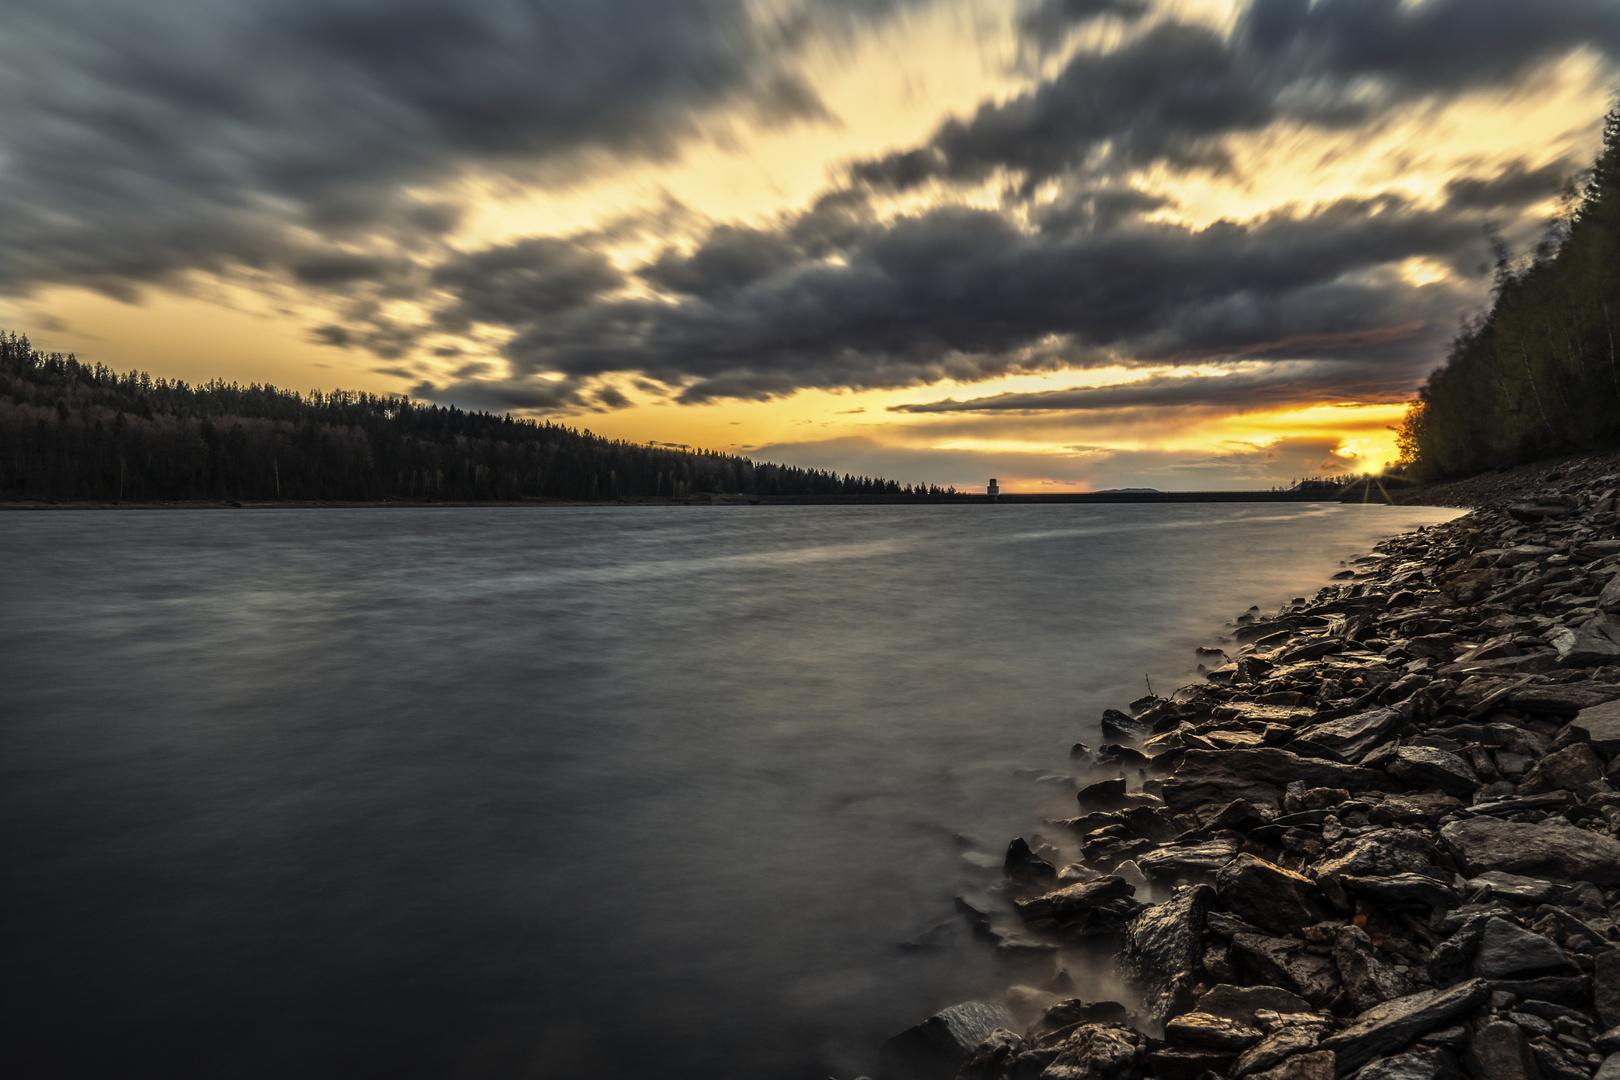 Sonnenuntergang an der Talsperre nach Sturmtief Eugen